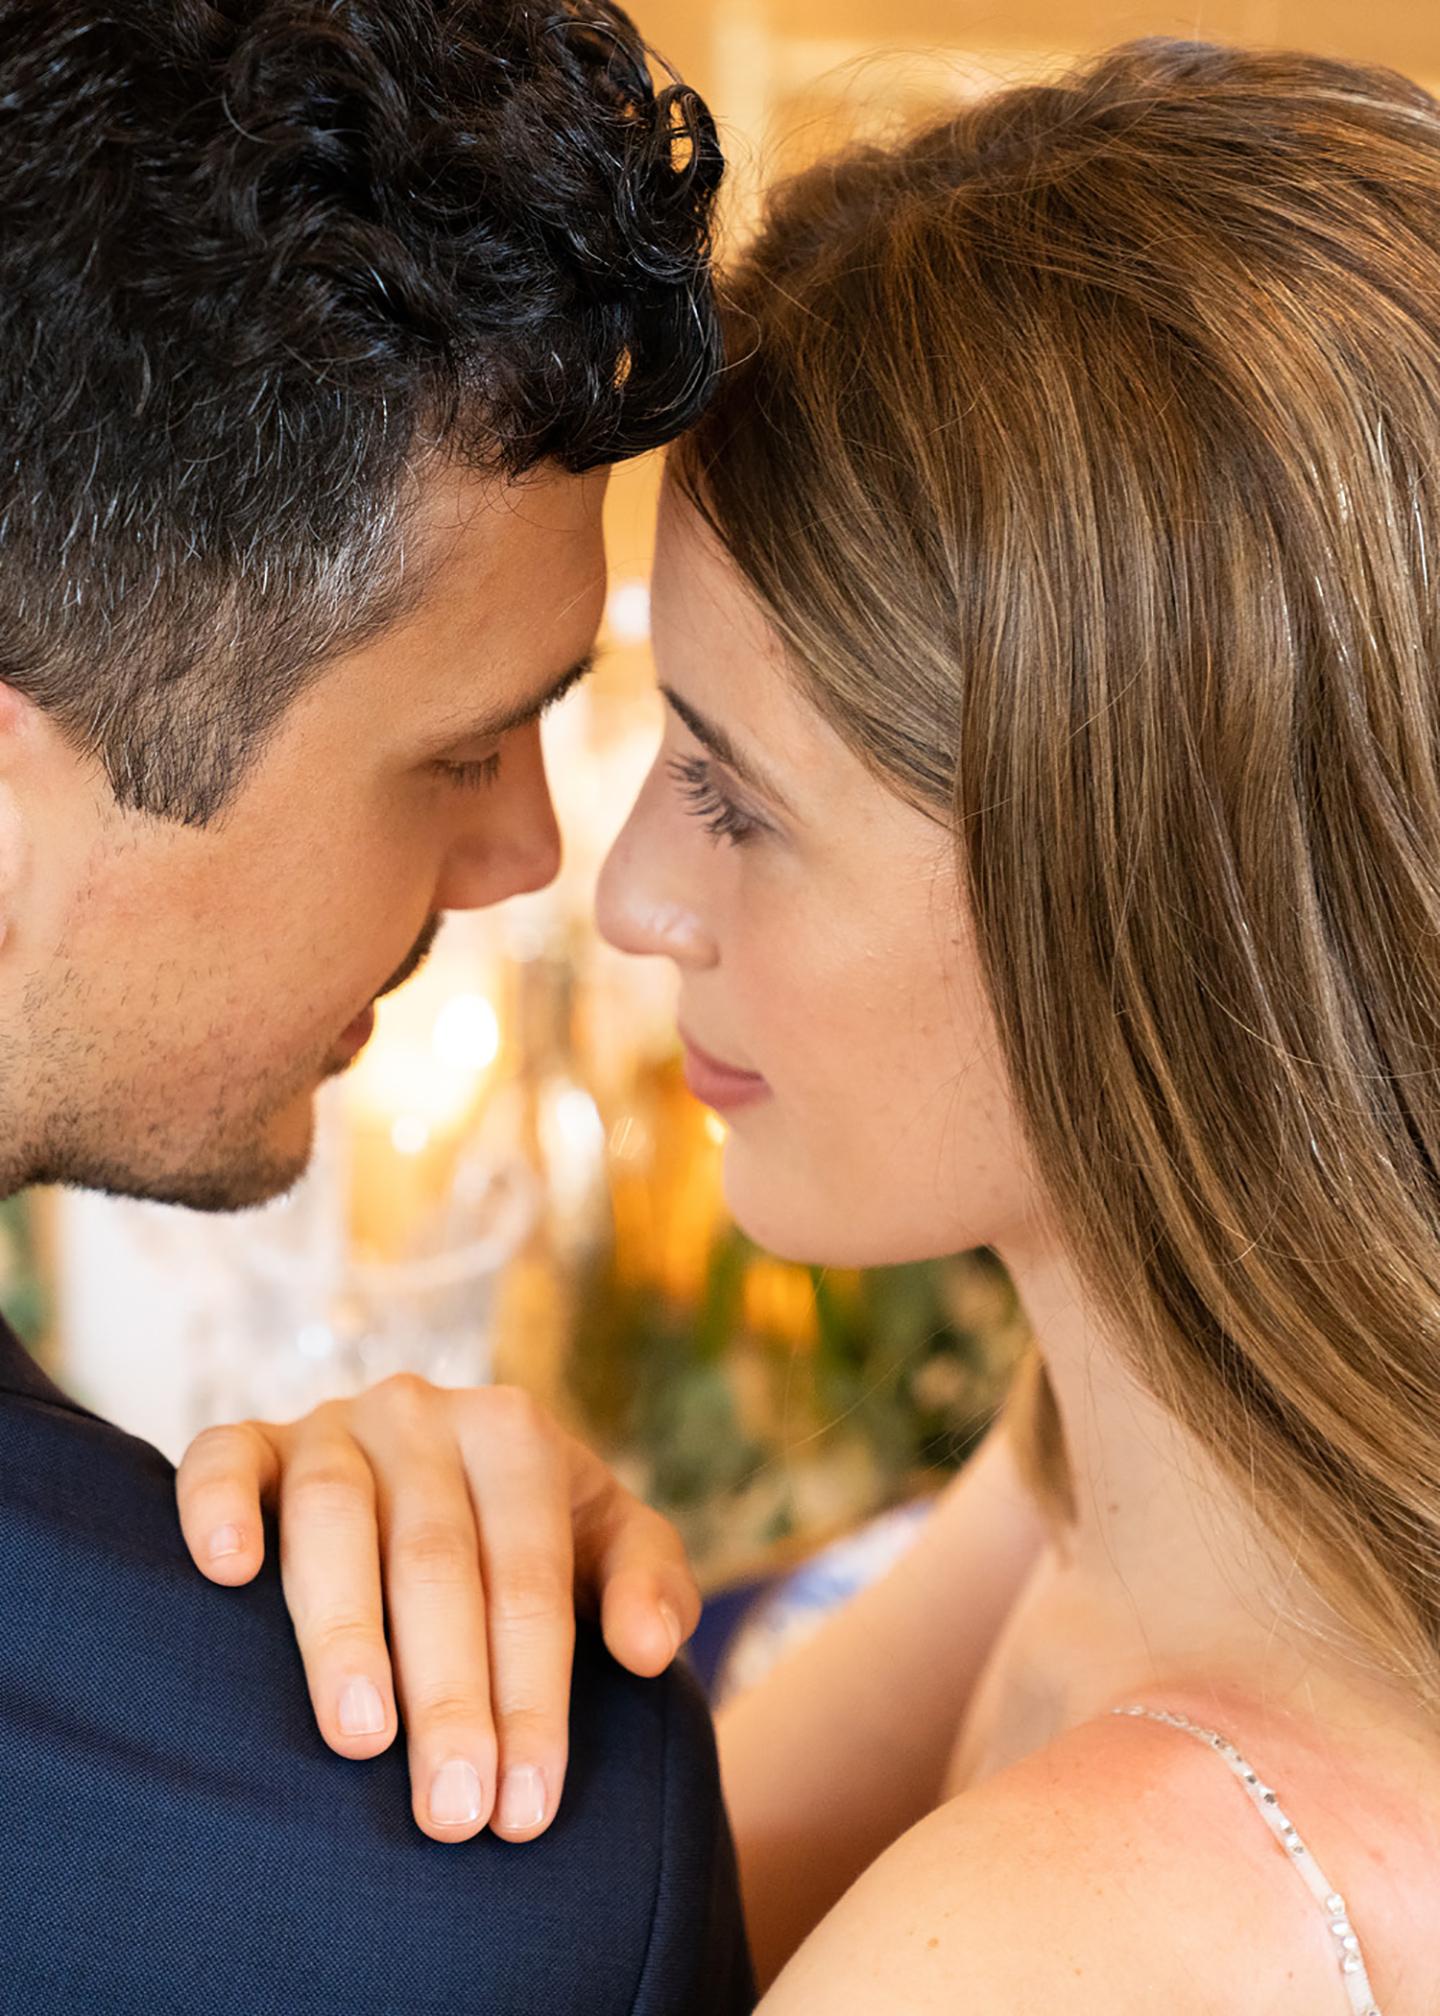 Das Hochzeitspaar bestehend aus Braut und Bräutigam schauen sich verliebt in die Augen.